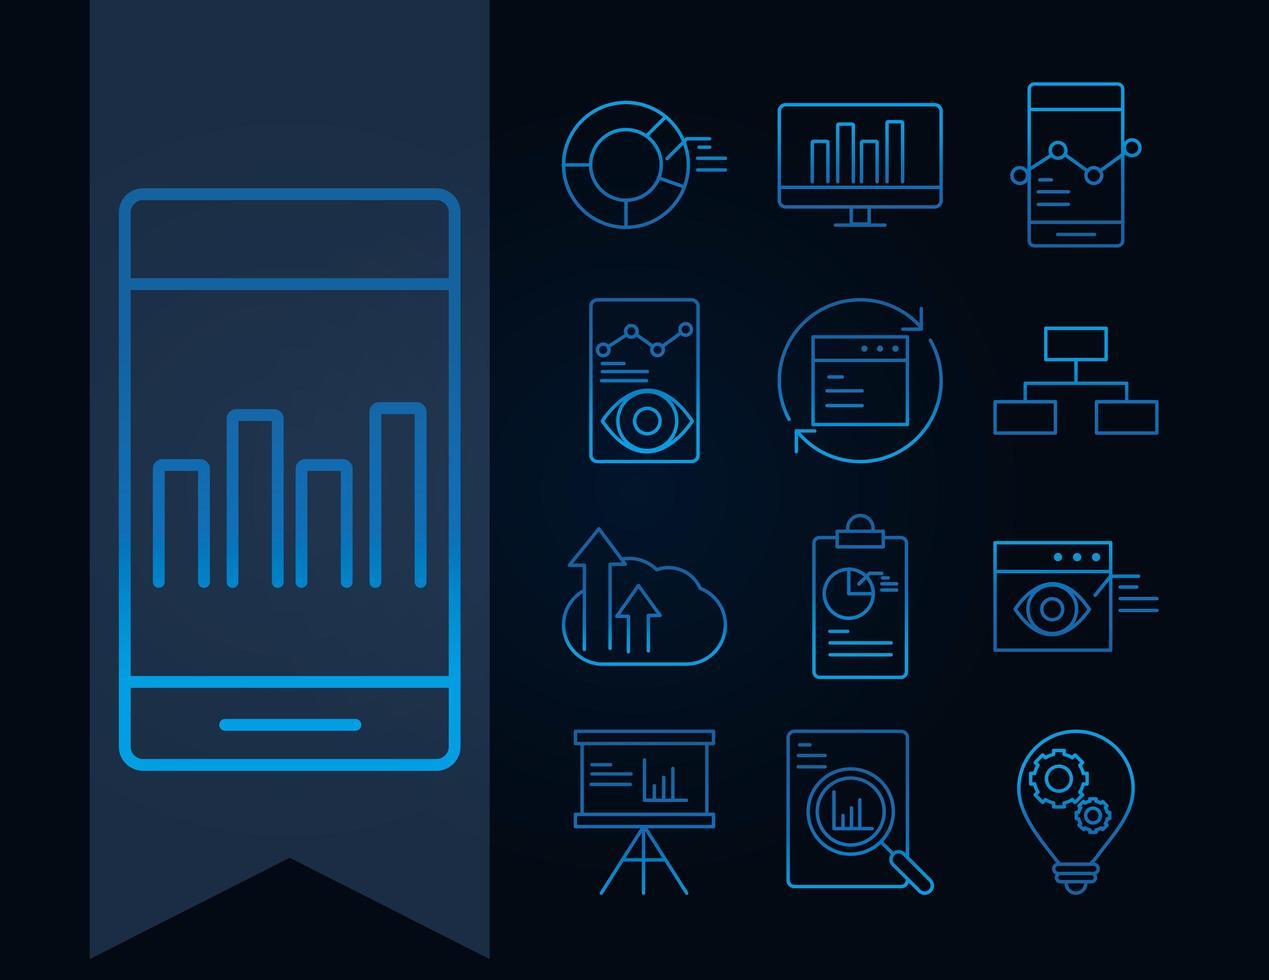 conjunto de iconos de análisis de datos, negocios y estrategia de marketing vector